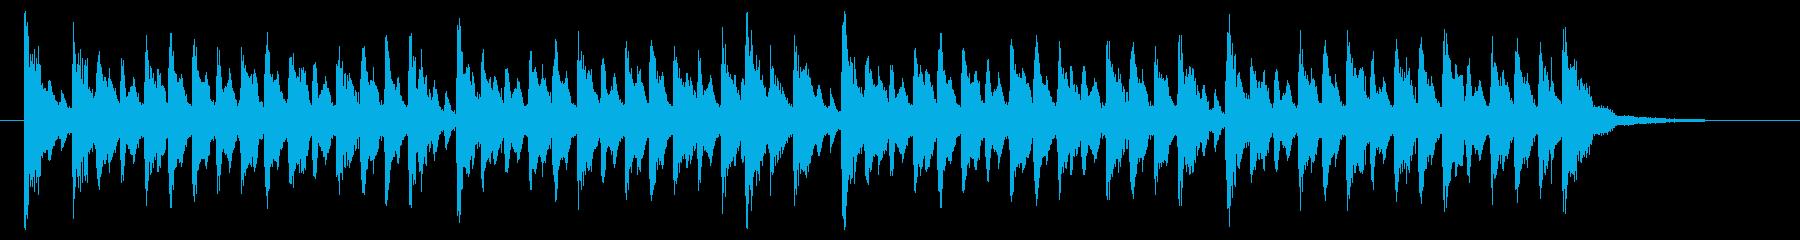 ポップなデジタル調ジングルの再生済みの波形